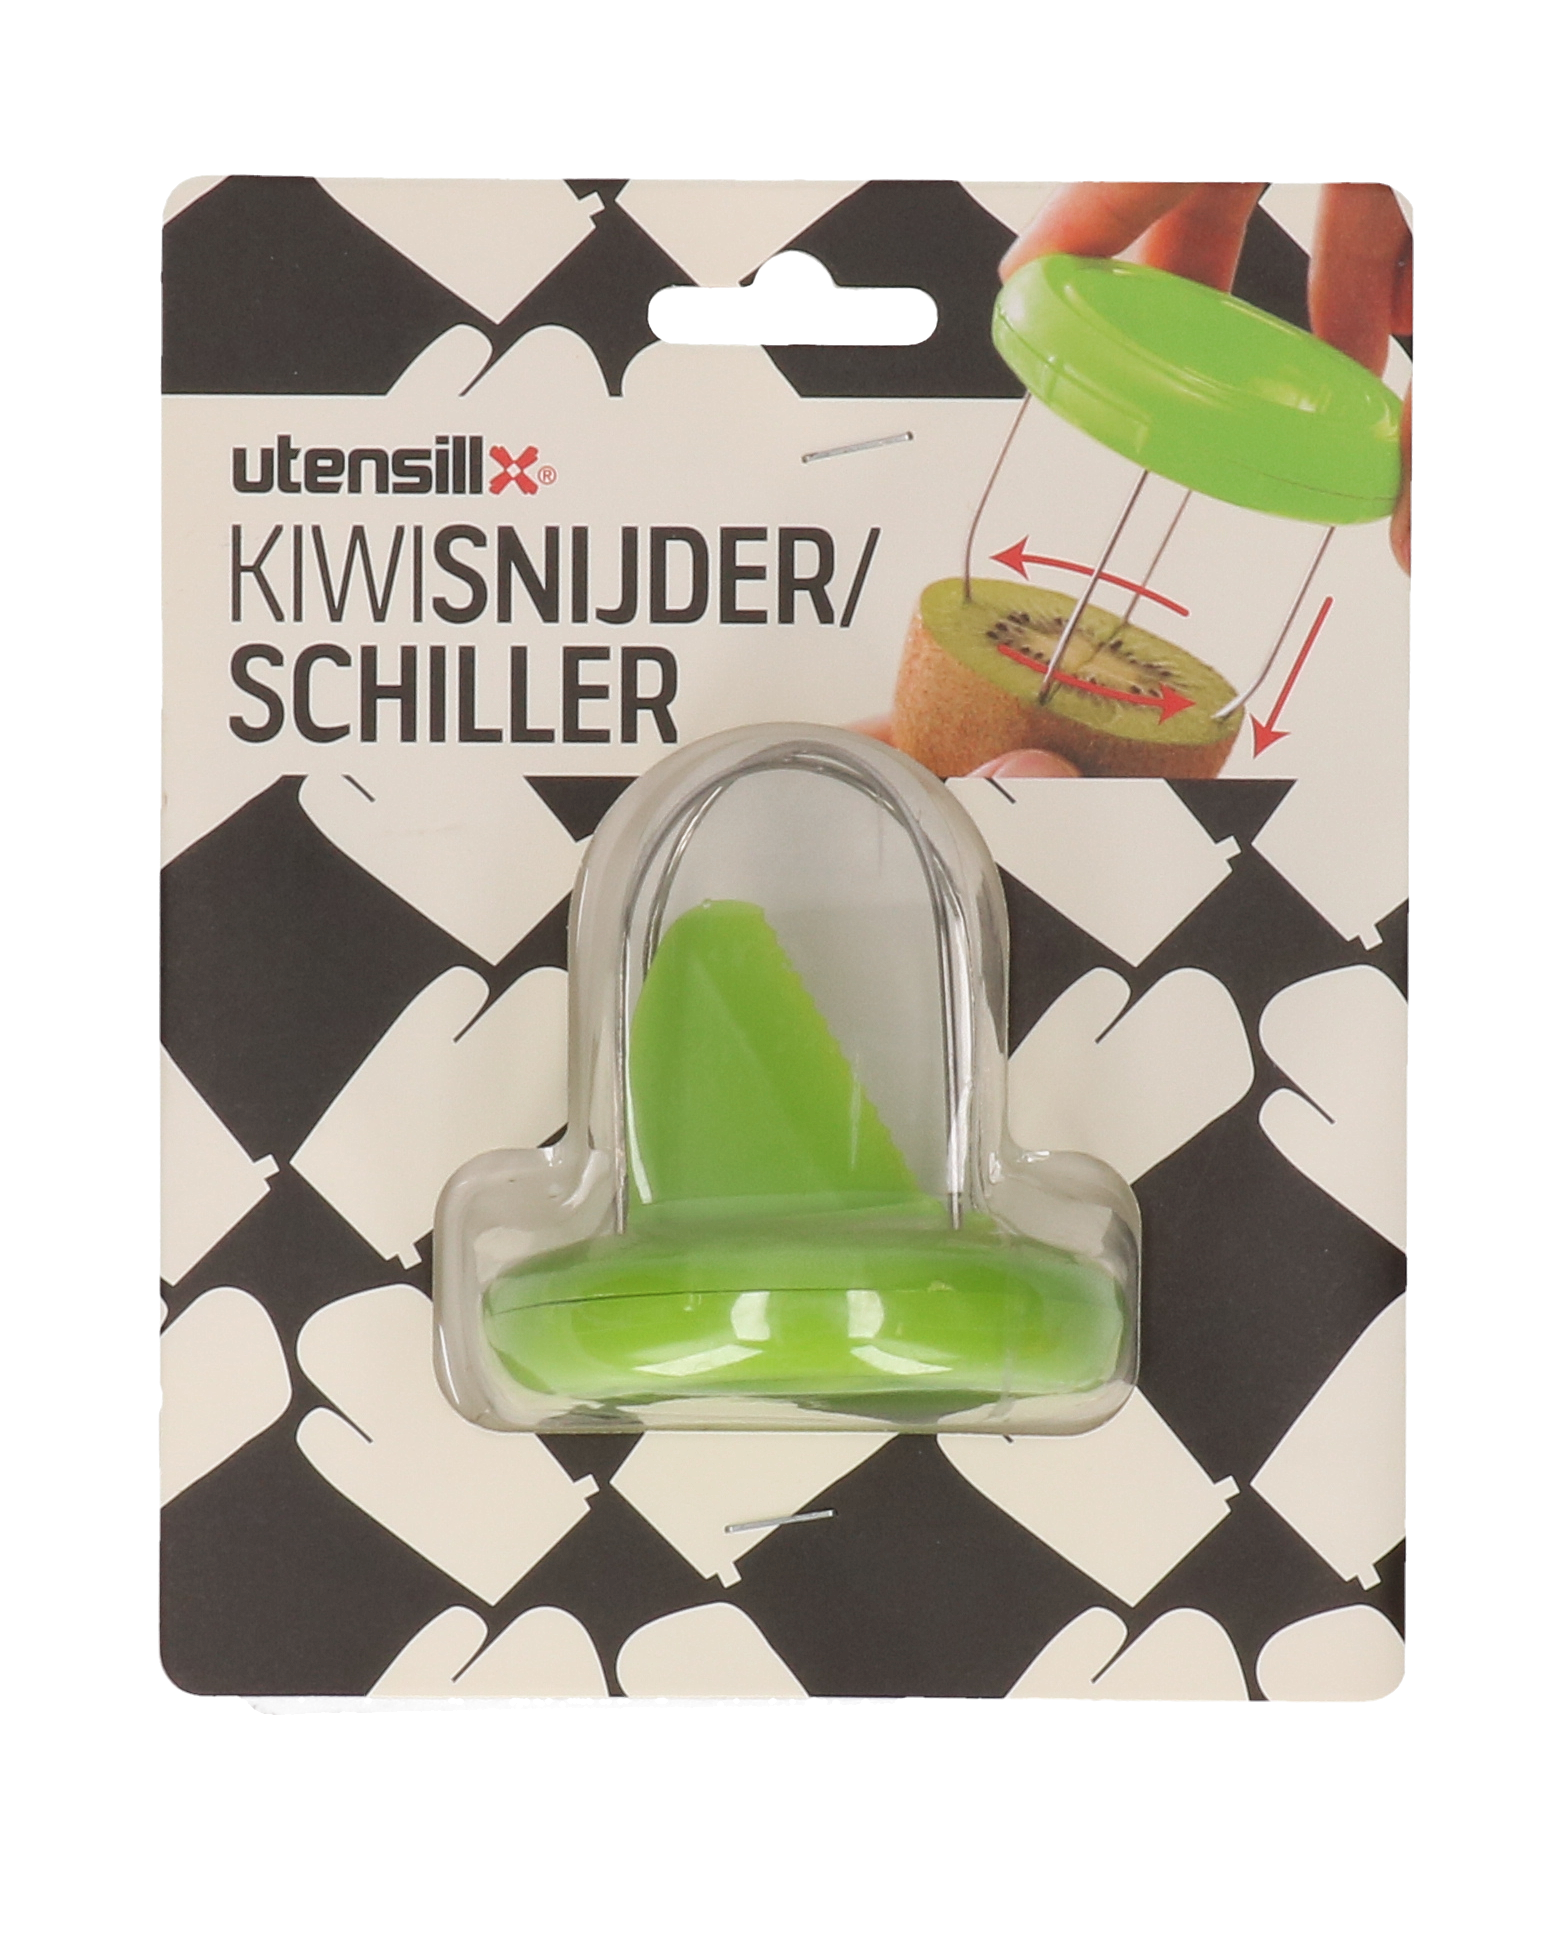 Kiwi snijder/schiller